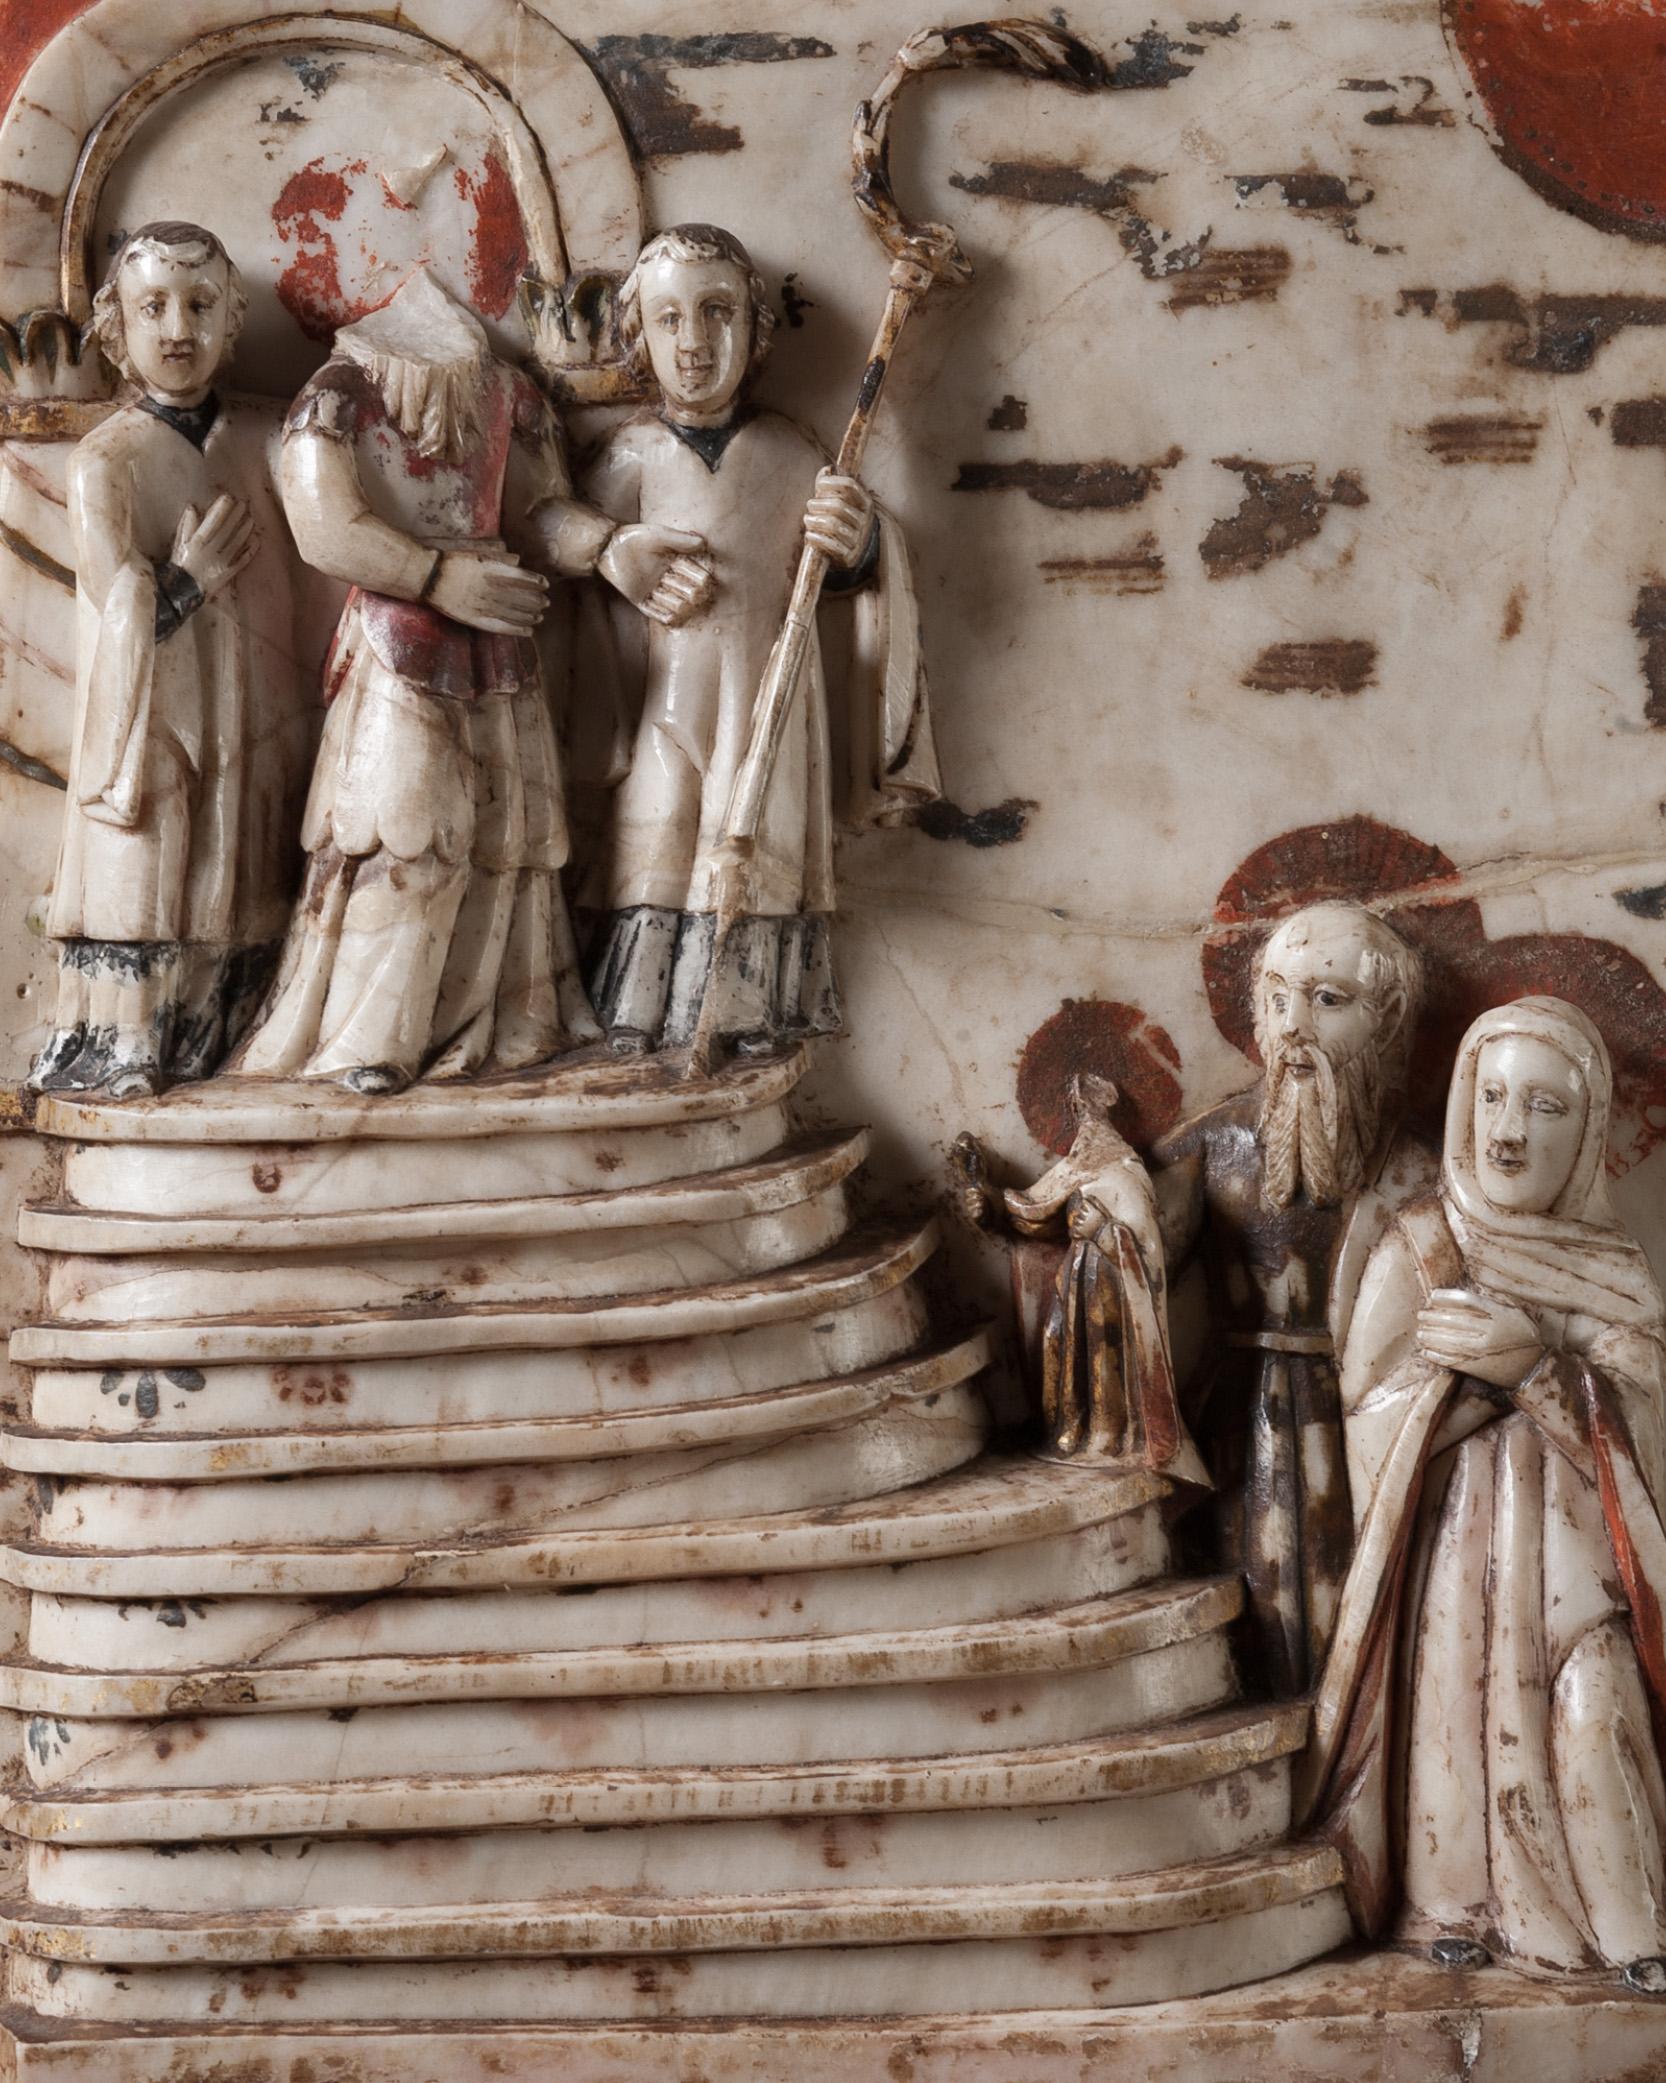 Presentación de la Virgen (1699 - 1799)